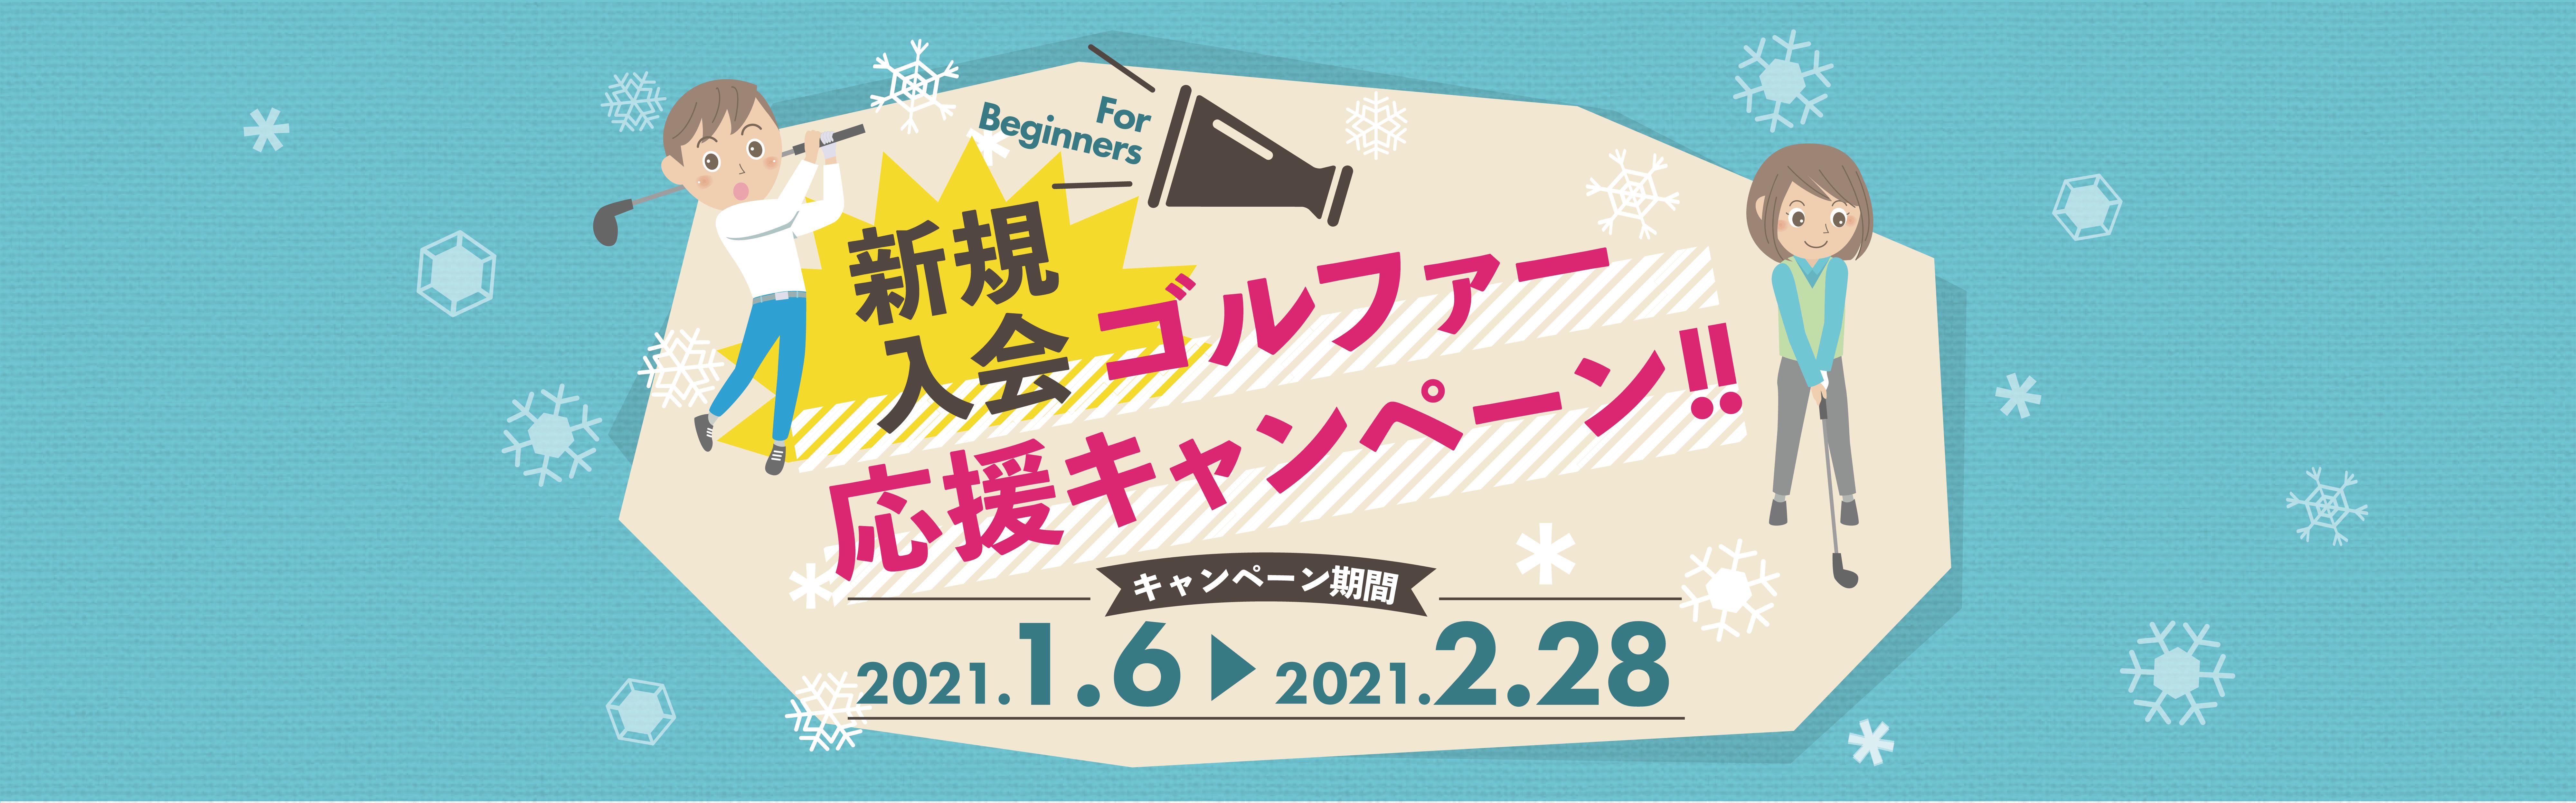 新規入会 ゴルファー応援キャンペーン